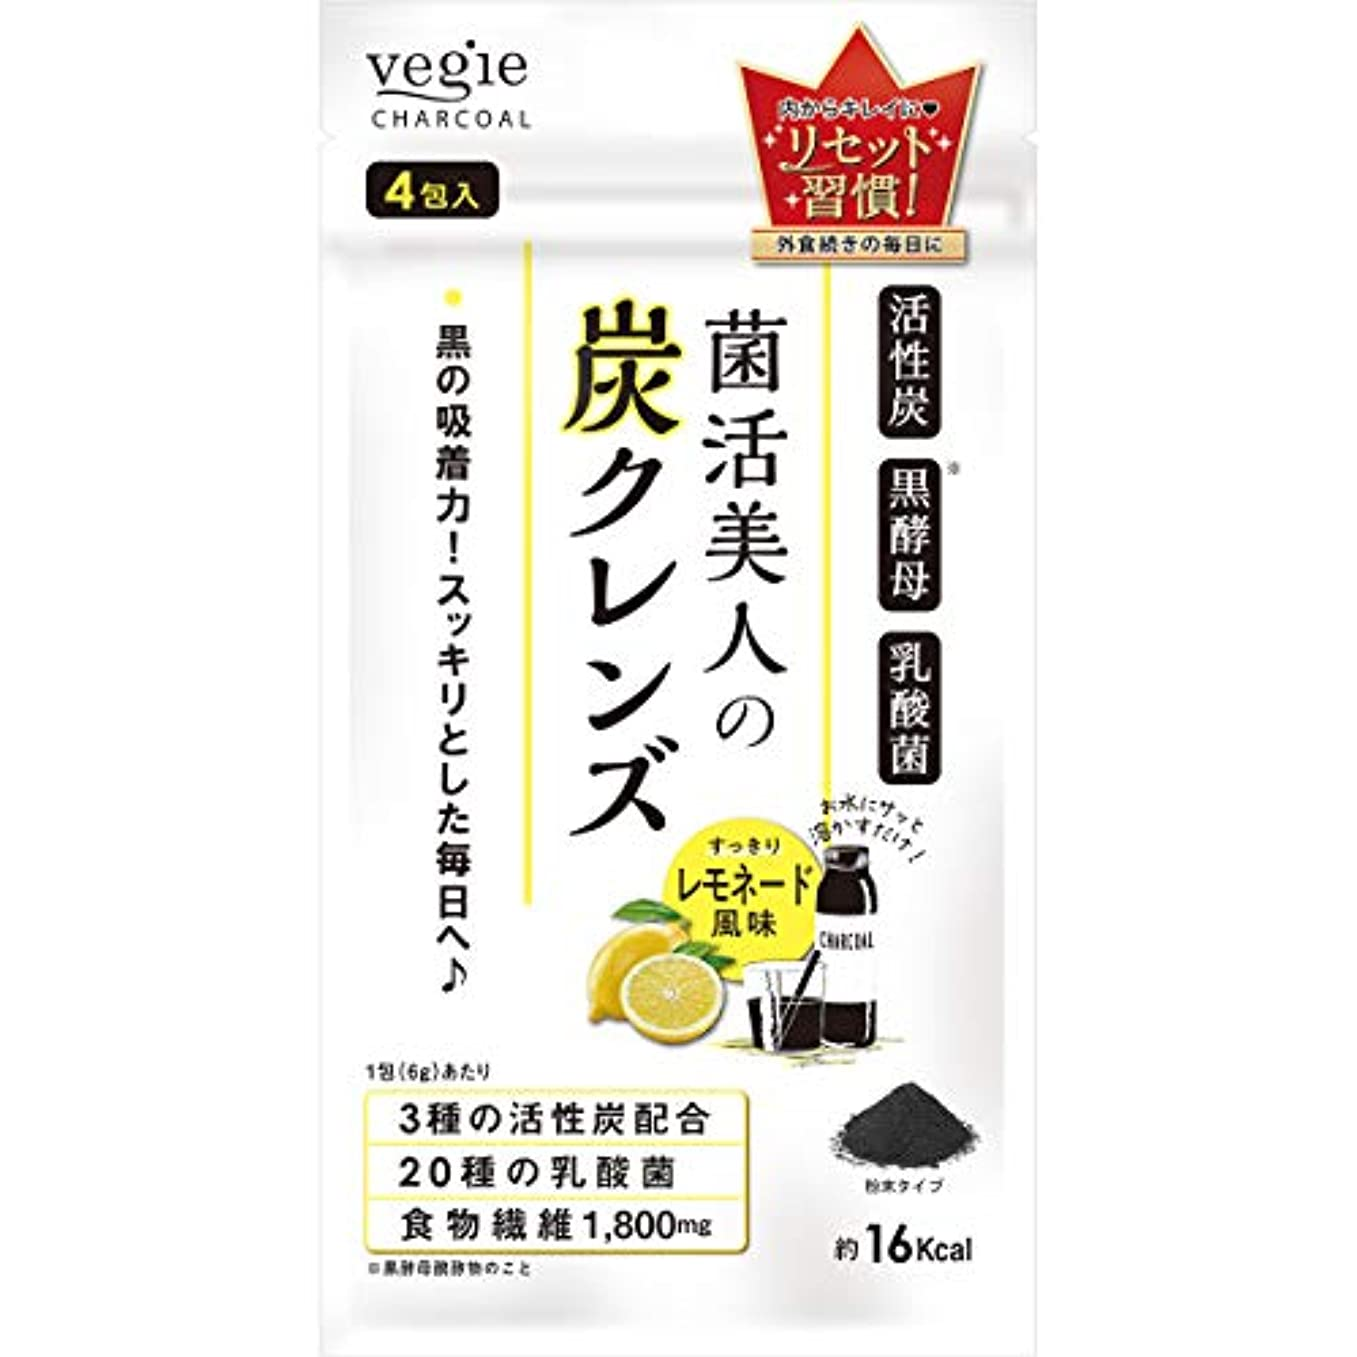 スロット被る有用ベジエ 菌活美人の炭クレンズ 4包